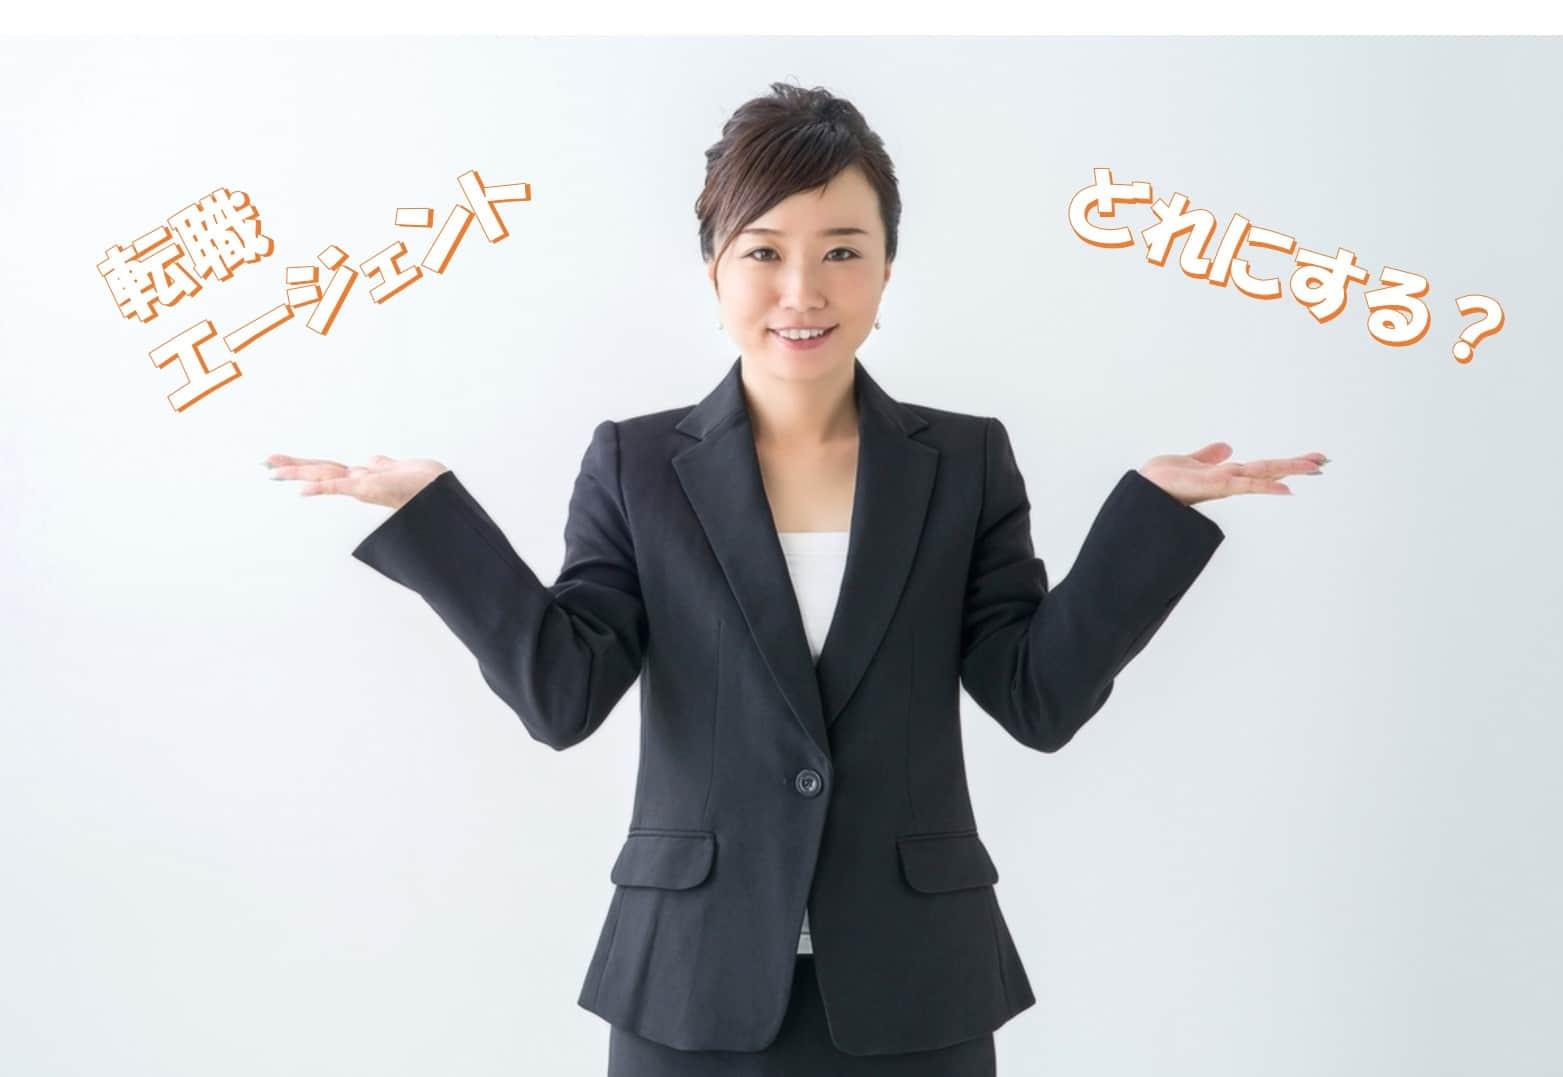 転職エージェントを比較する方法【比較のコツや注意点も解説】